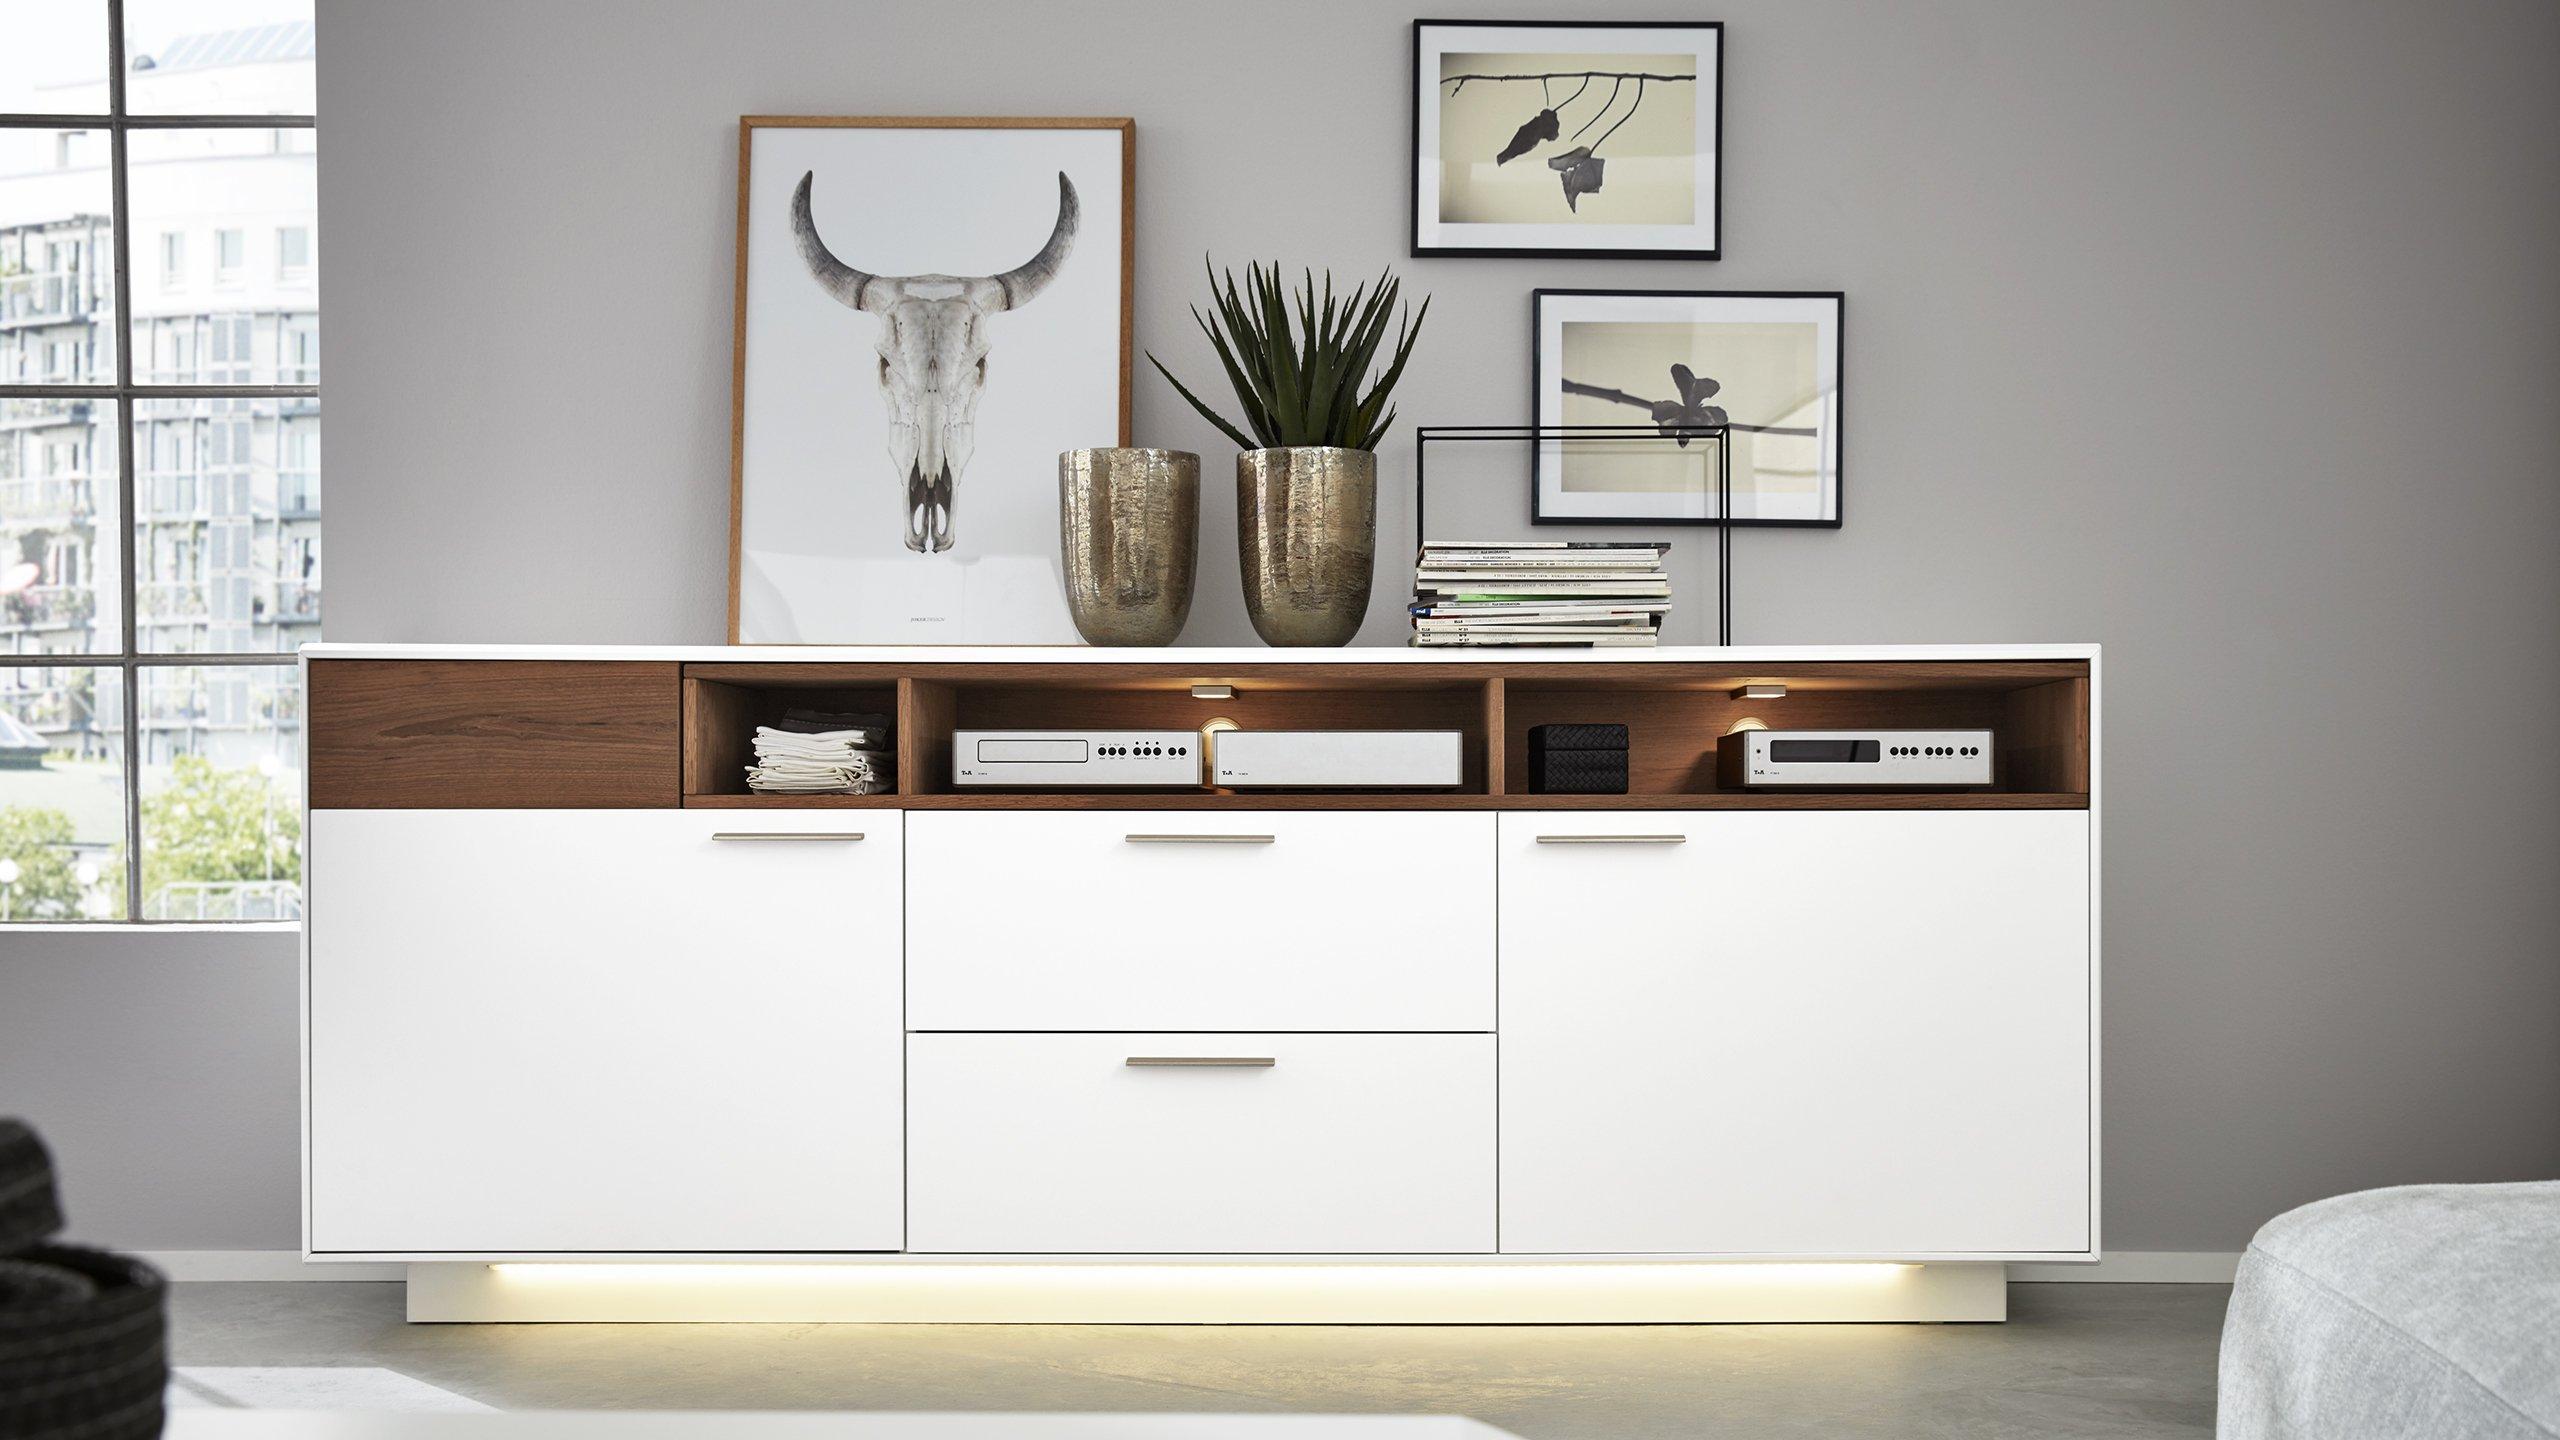 Stunning Moderne Wohnzimmermobel Photos - Farbideen fürs Wohnzimmer ...